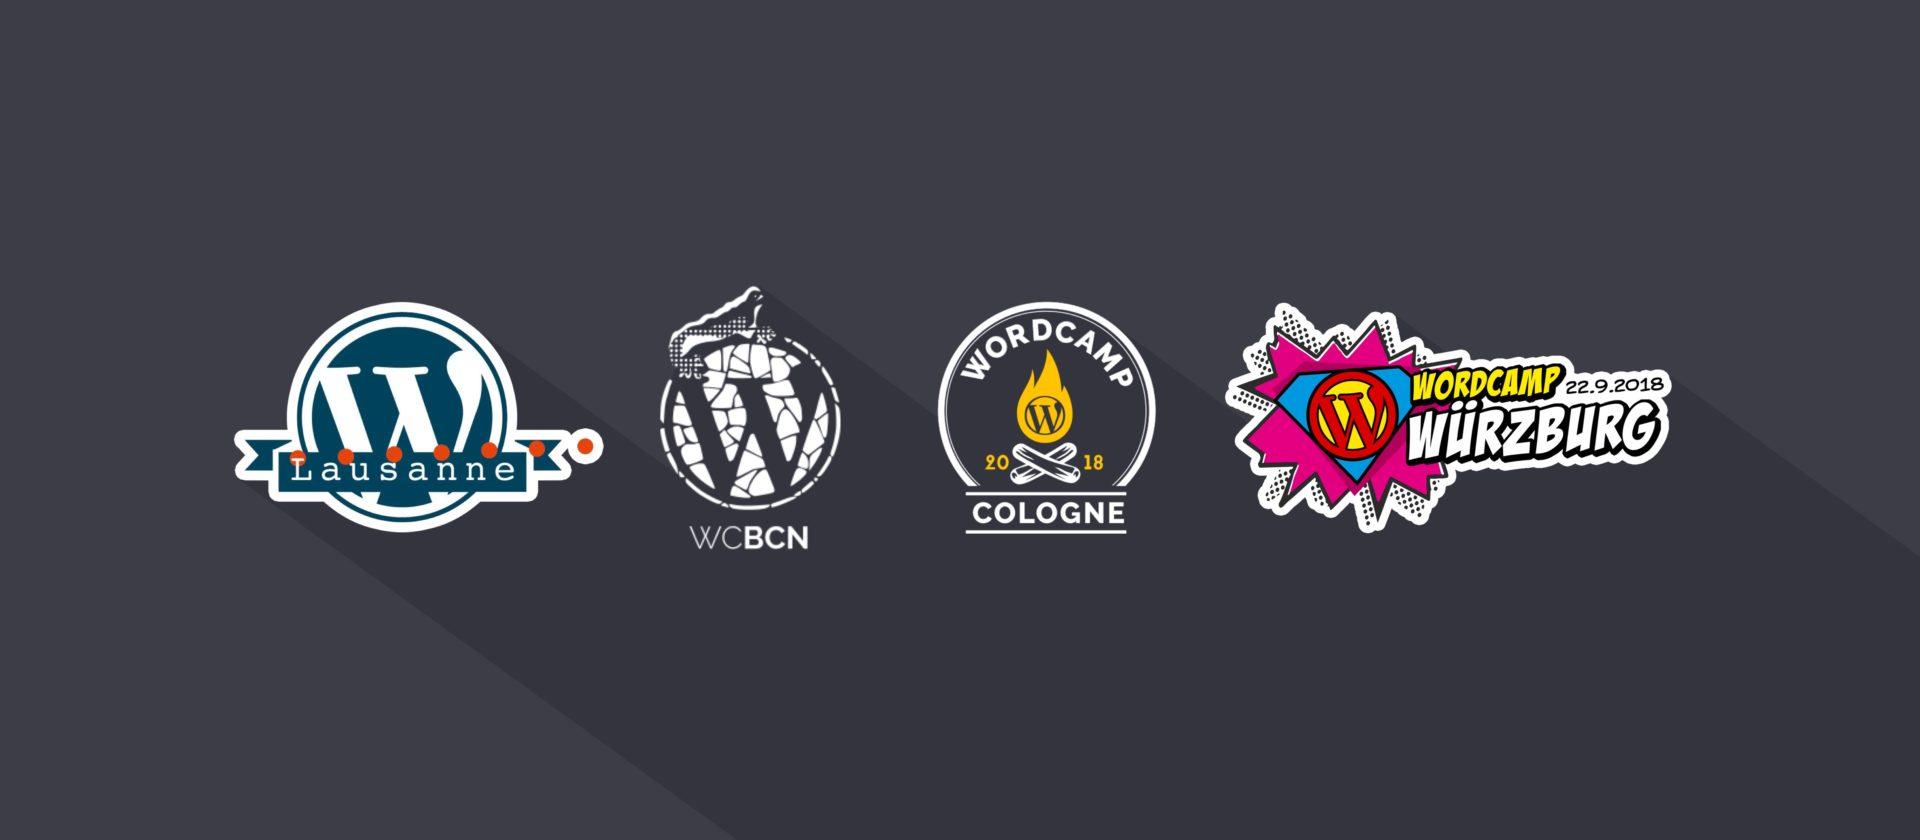 WordCamps worldwide 2018